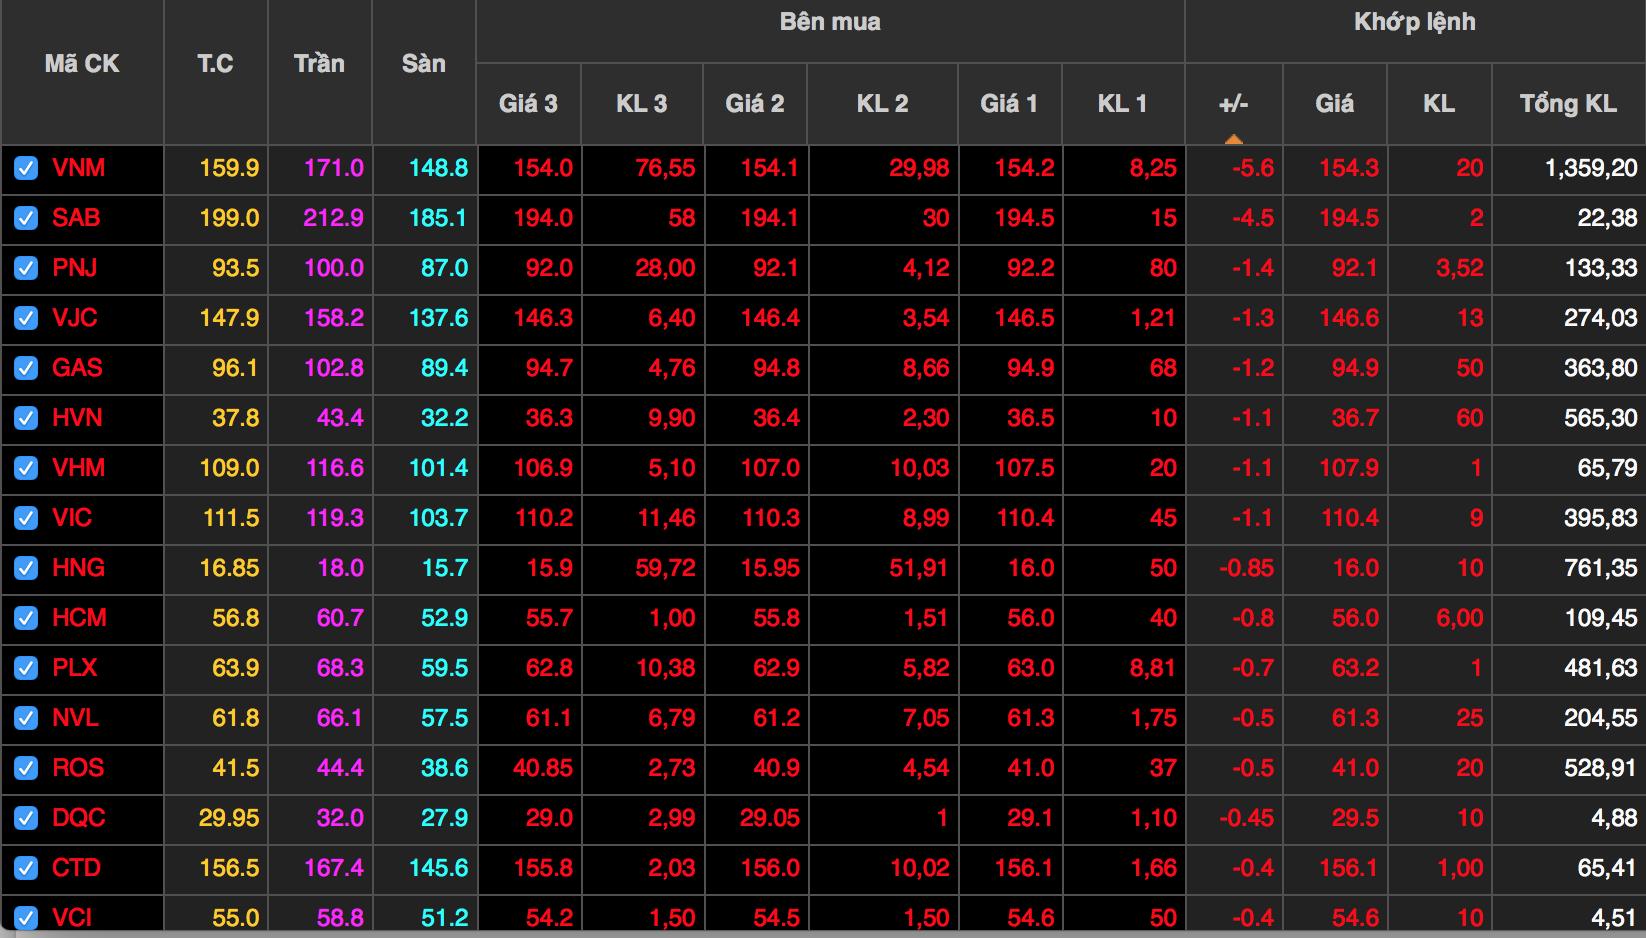 Cổ phiếu rớt giá đồng loạt, VN-Index mất gần 5 điểm